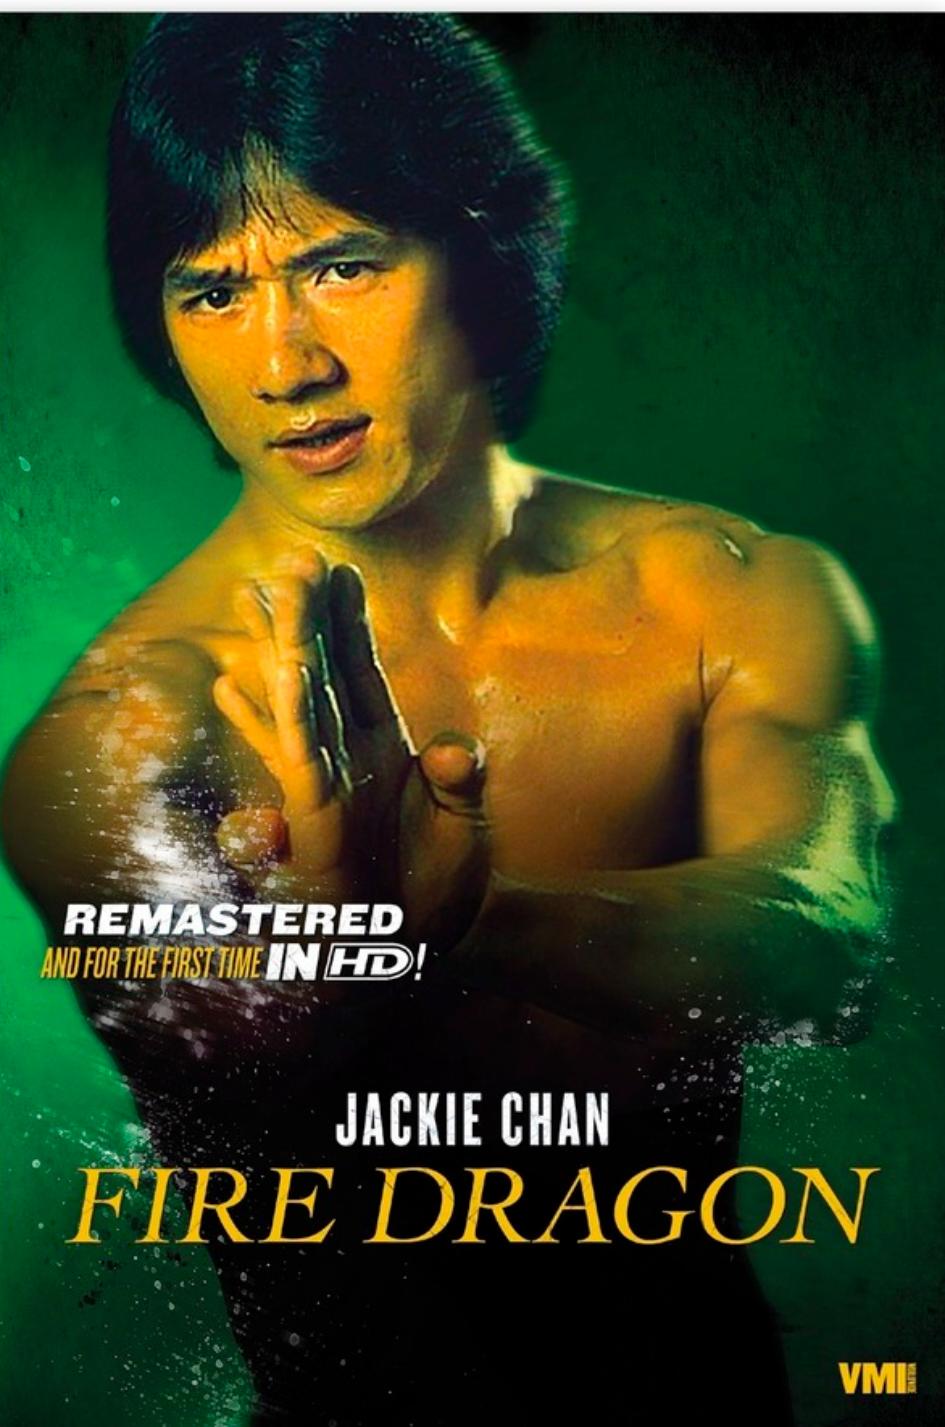 Fire Dragon Jackie Chan